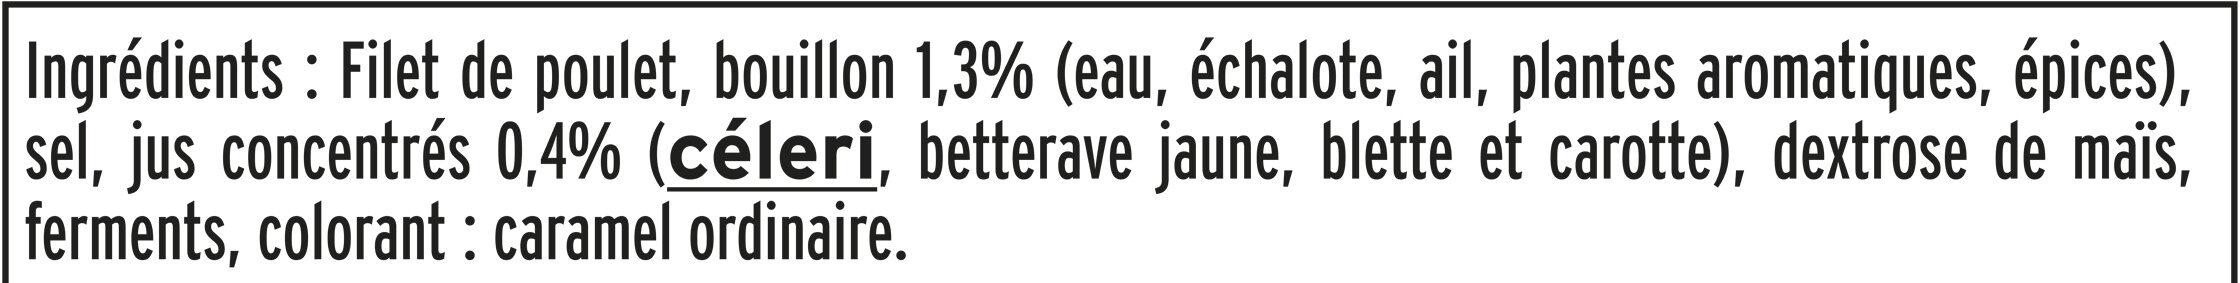 Blanc de Poulet  Halal - 25% de sel*  - 6 tranches fines - Ingrédients - fr